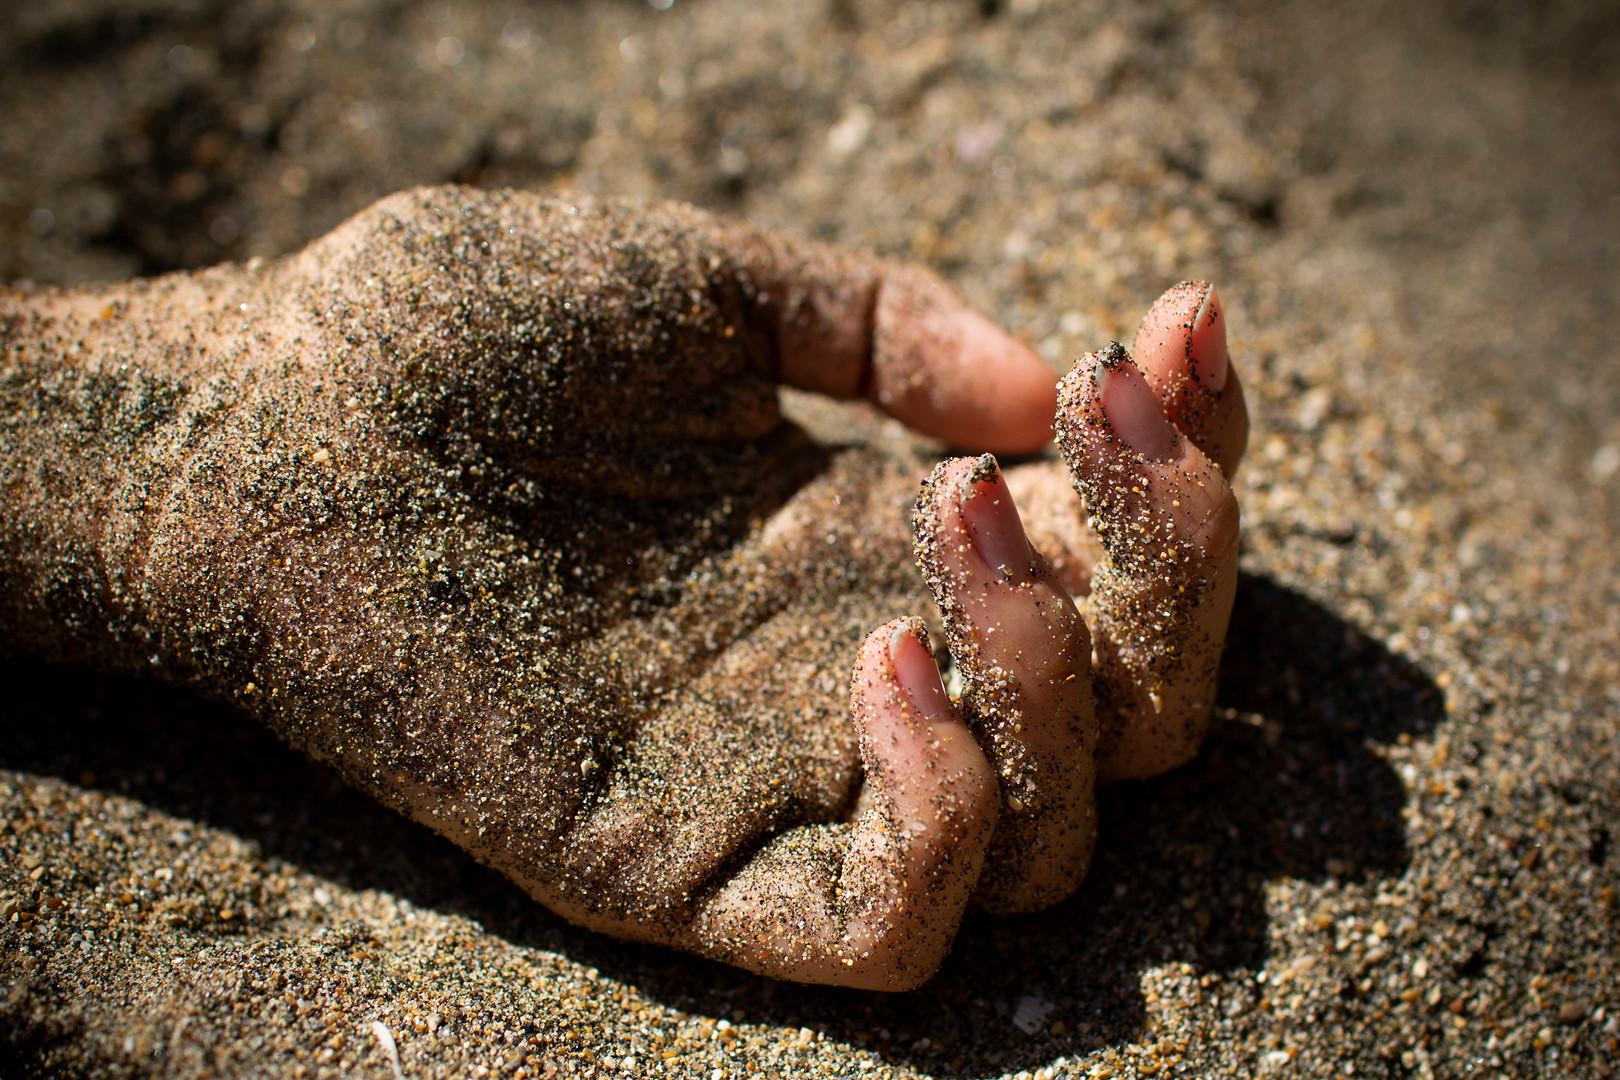 E poli le mani si sono lavate si sono sdraiate in grembo hanno dormito percorse dal tempo si sono salvate una sull'altra custodia di gesti se non ti tengo, avvolgi le dita di luce, fai il pugno. tu resta.